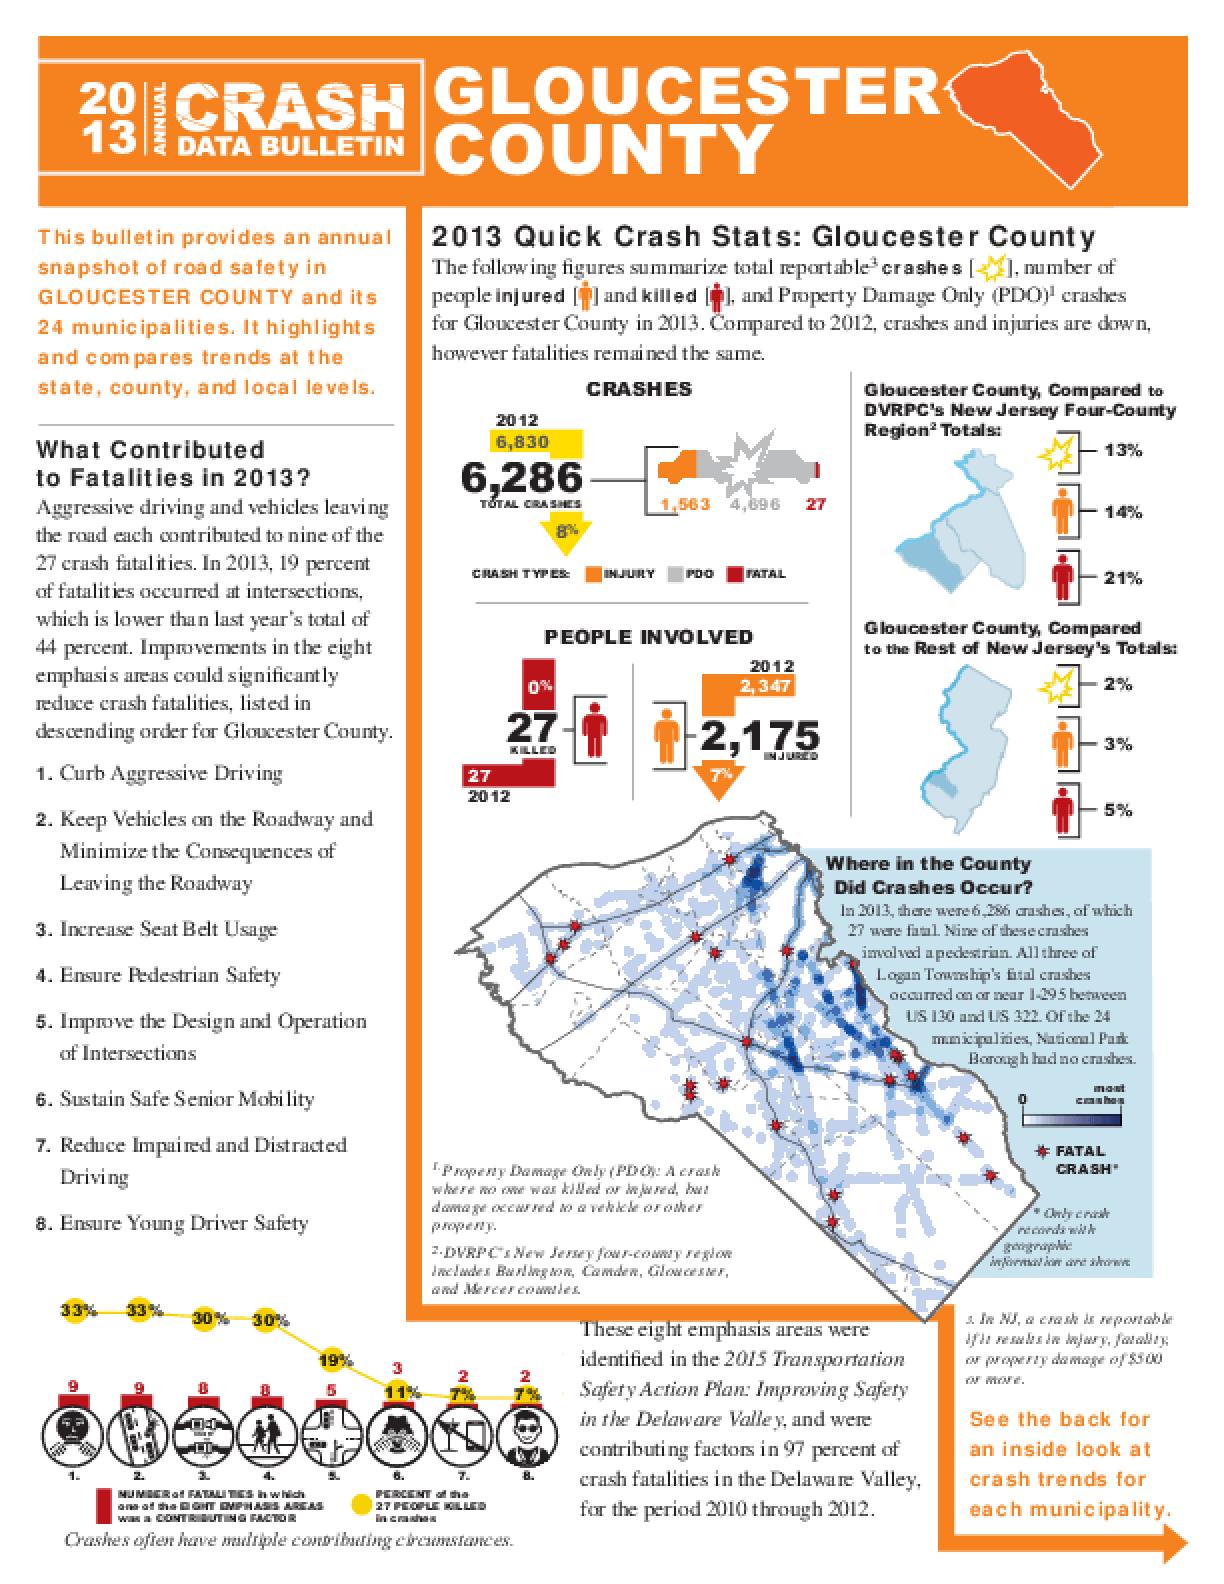 2013 Crash Data Bulletin - Gloucester County